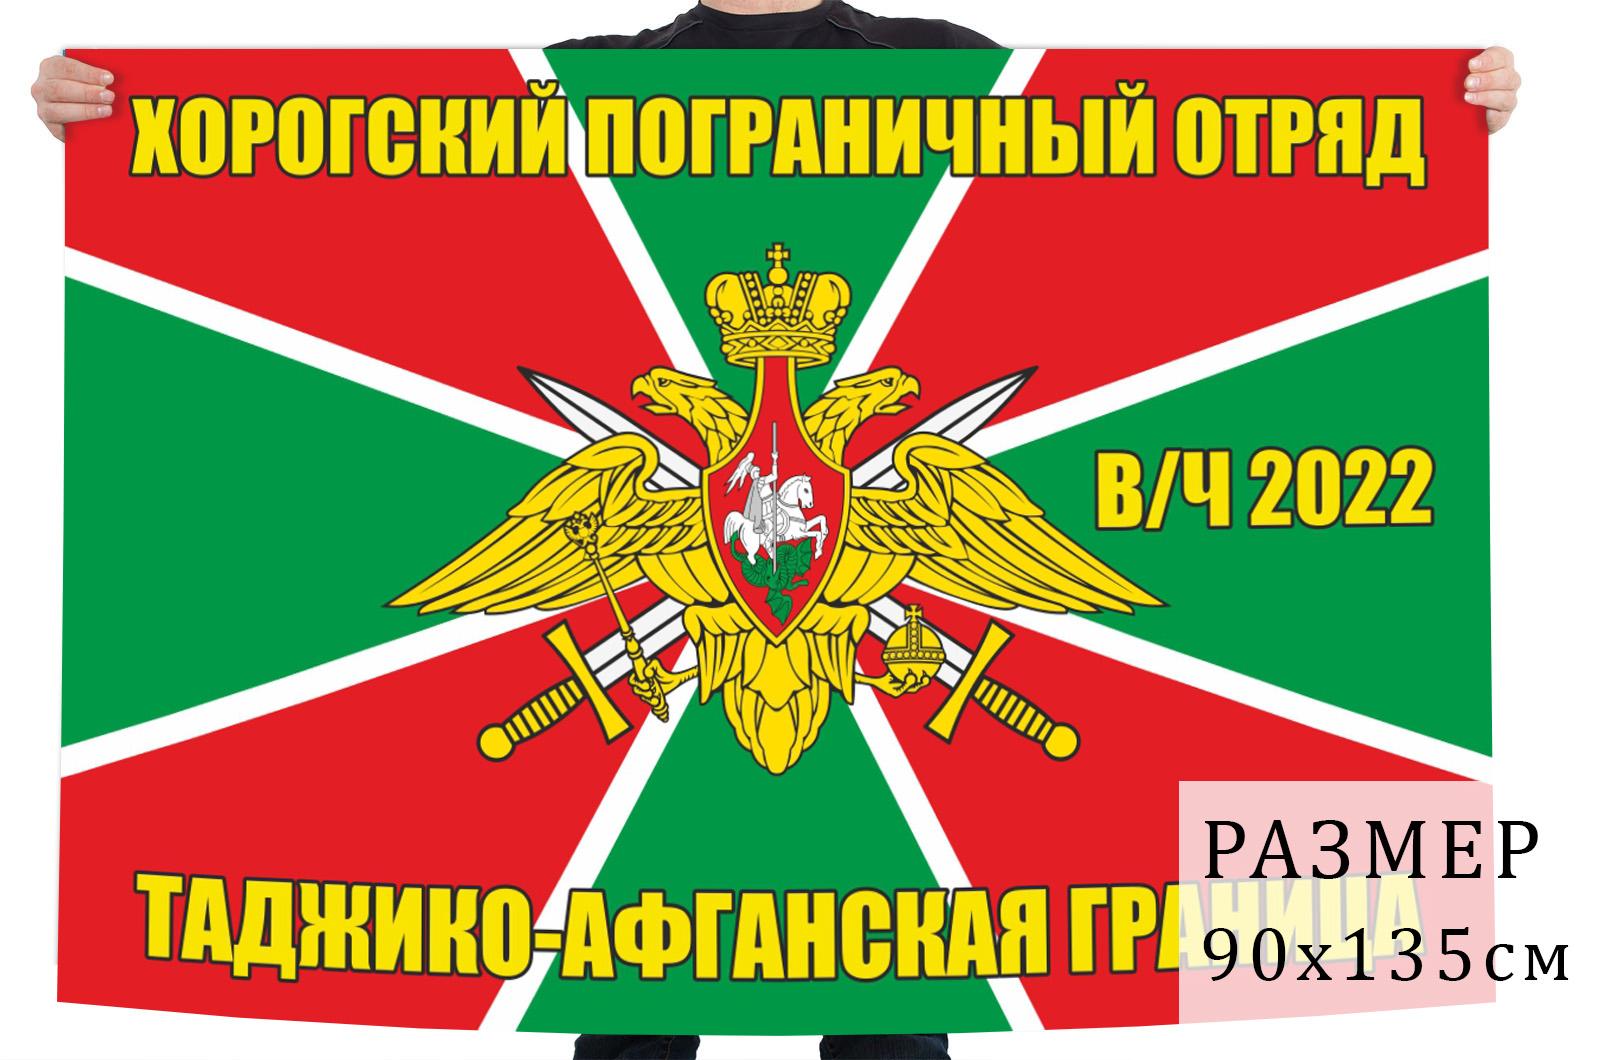 Флаг Хорогского ПогО в/ч 2022